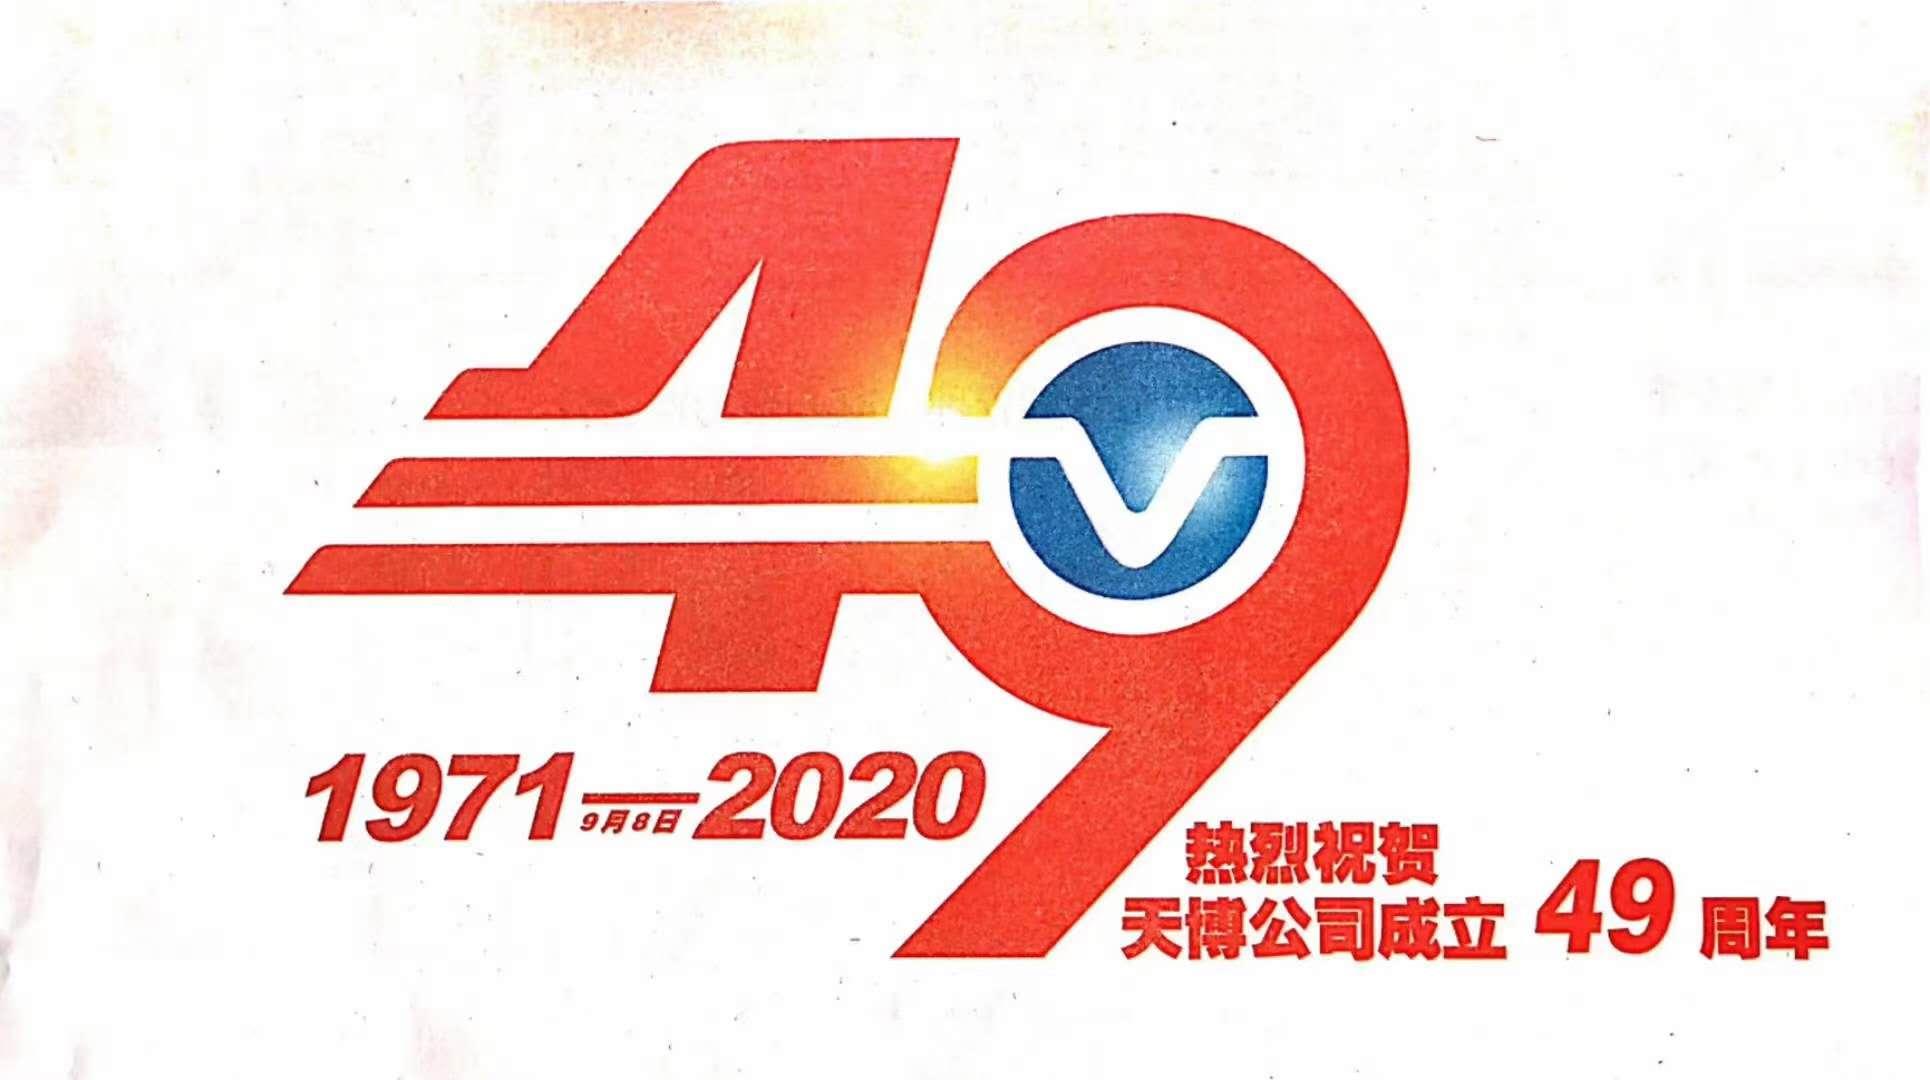 weixintupian_20200909160440